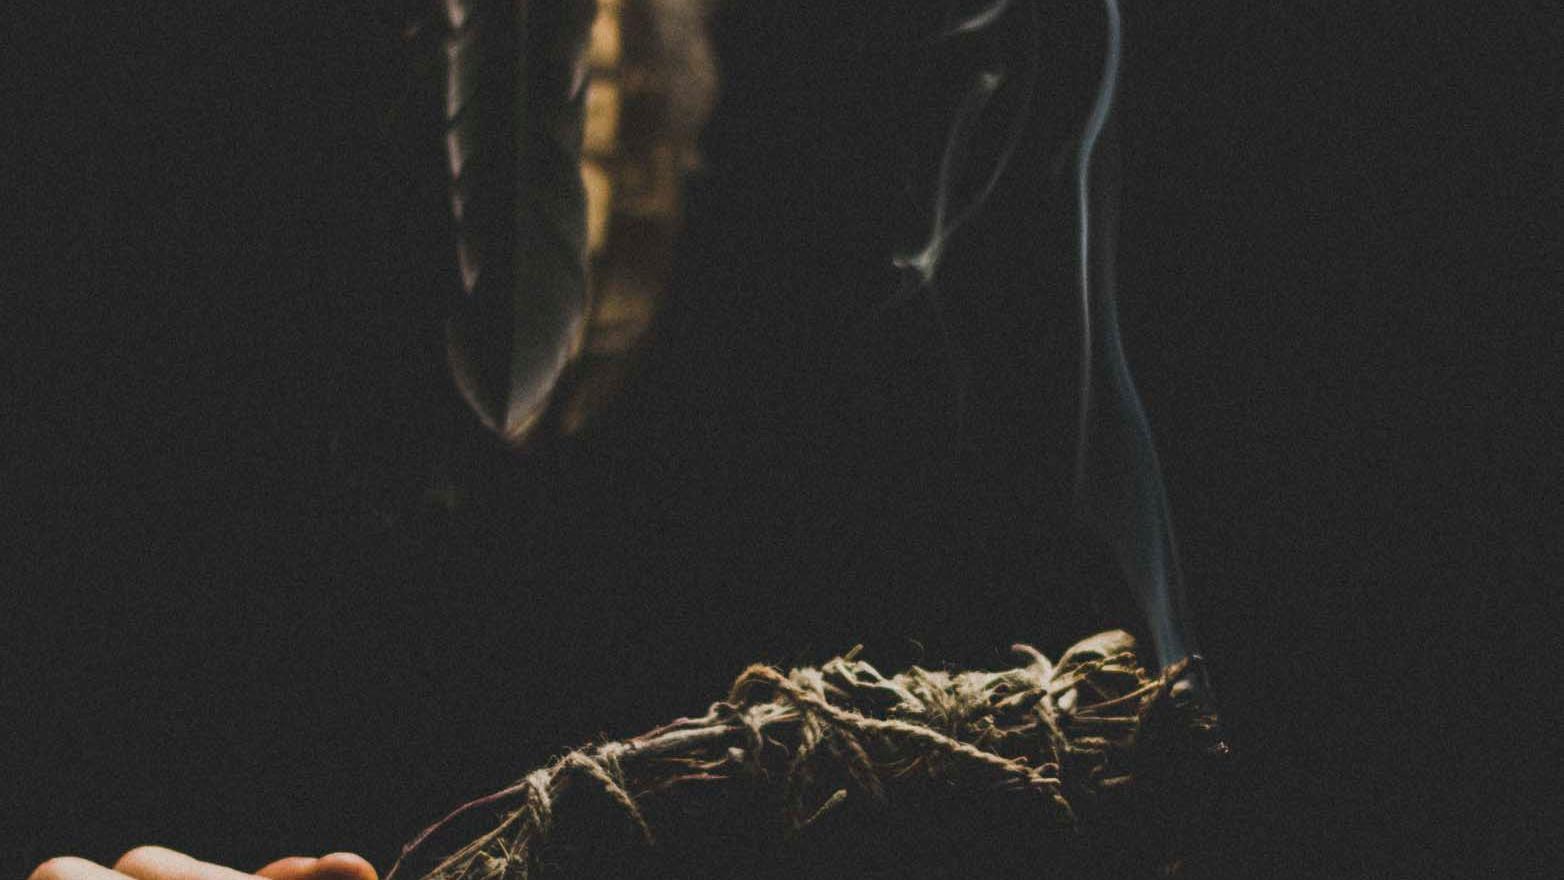 Smudge burning